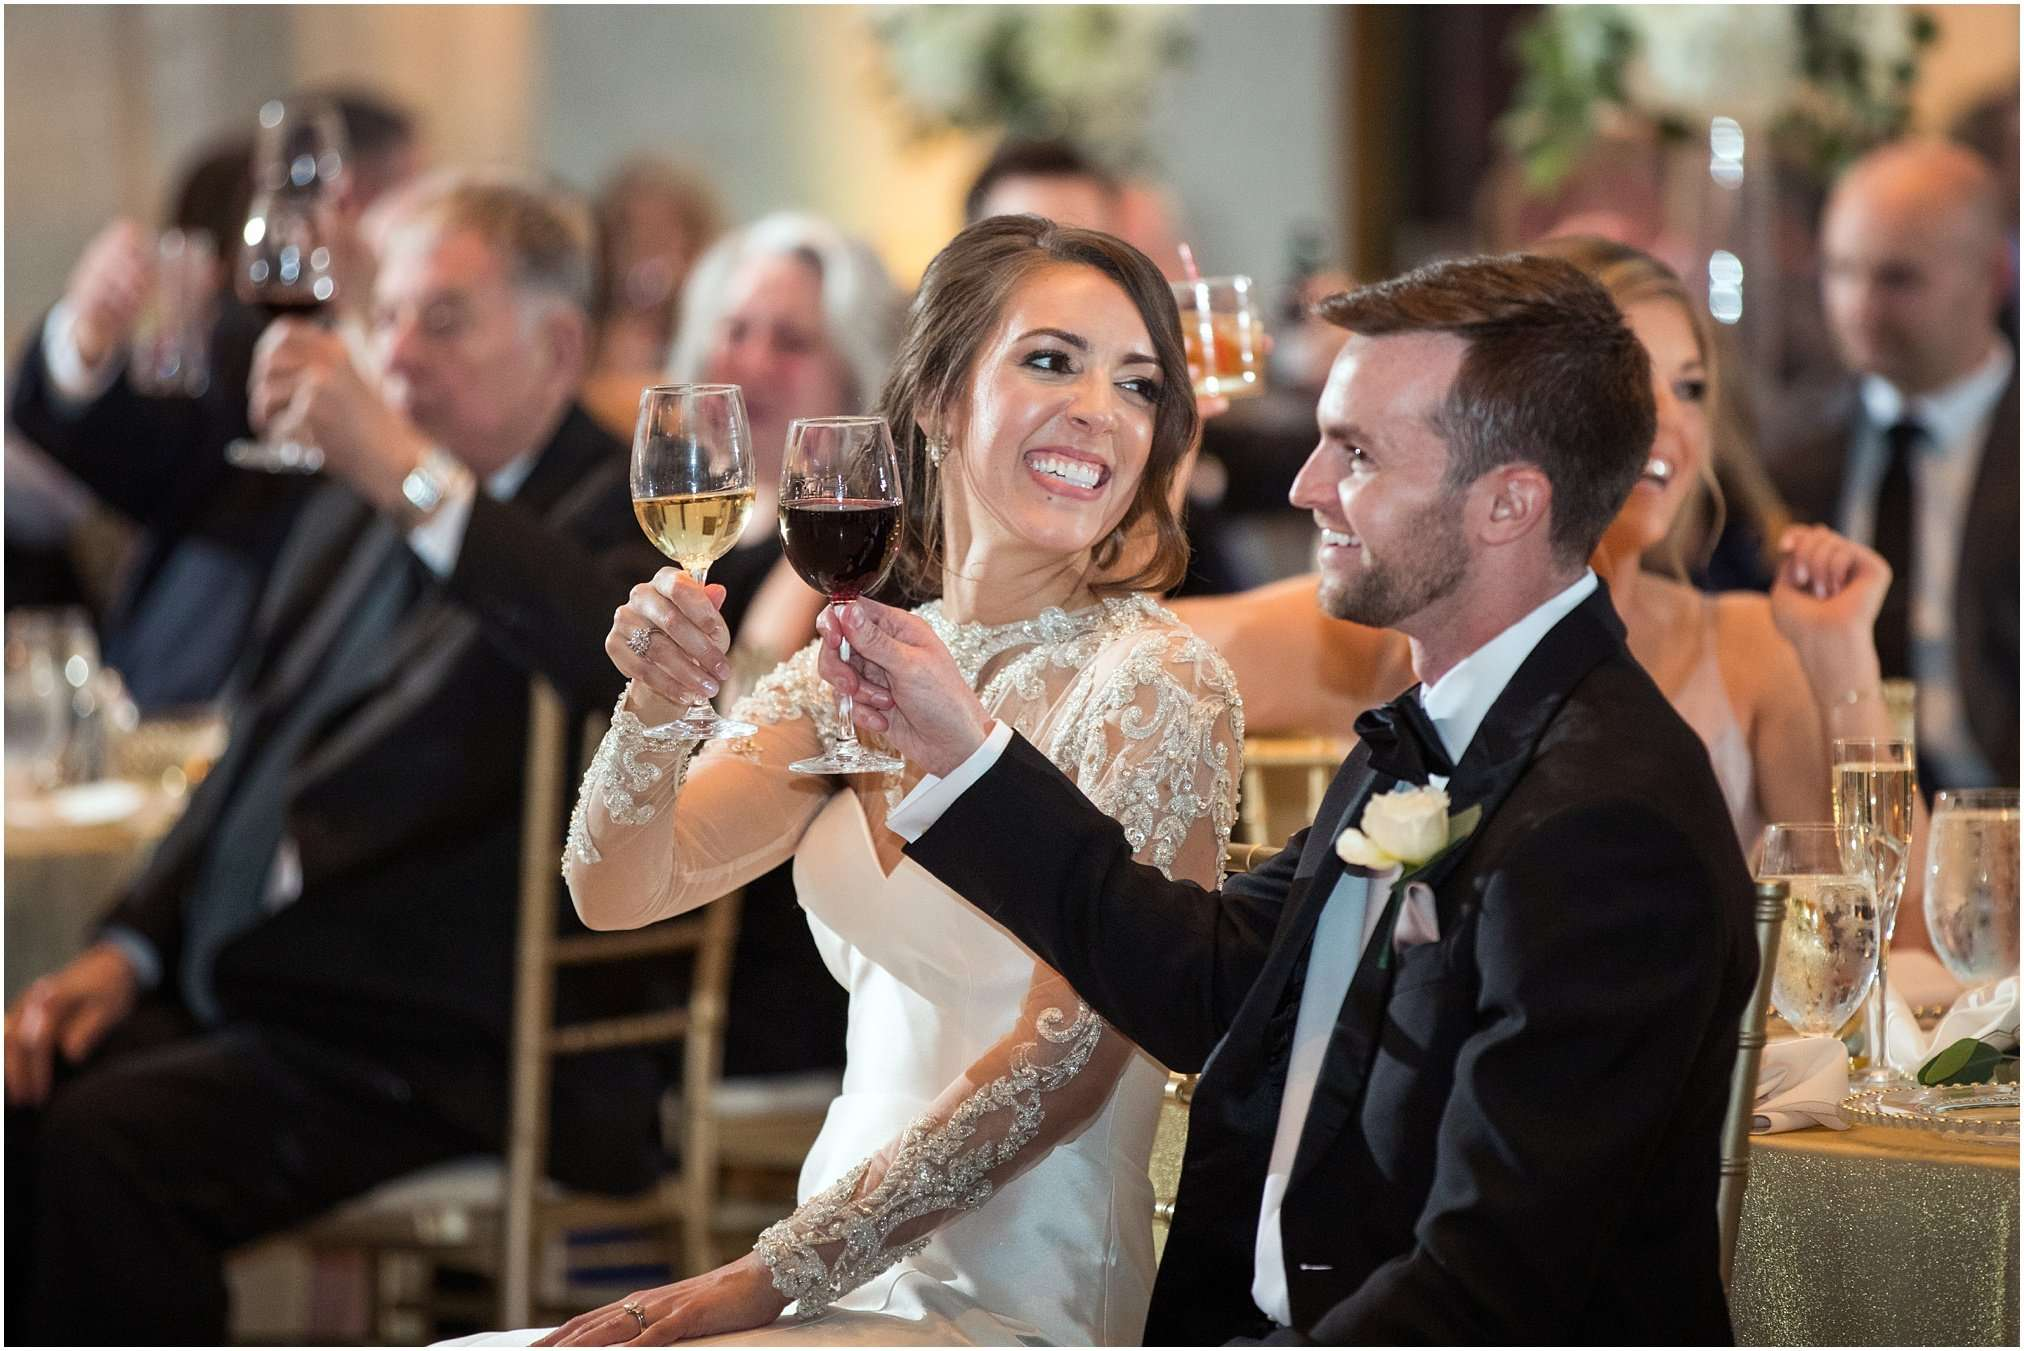 Spring Wedding at the Ohio Statehouse | Columbus Ohio Photography 186